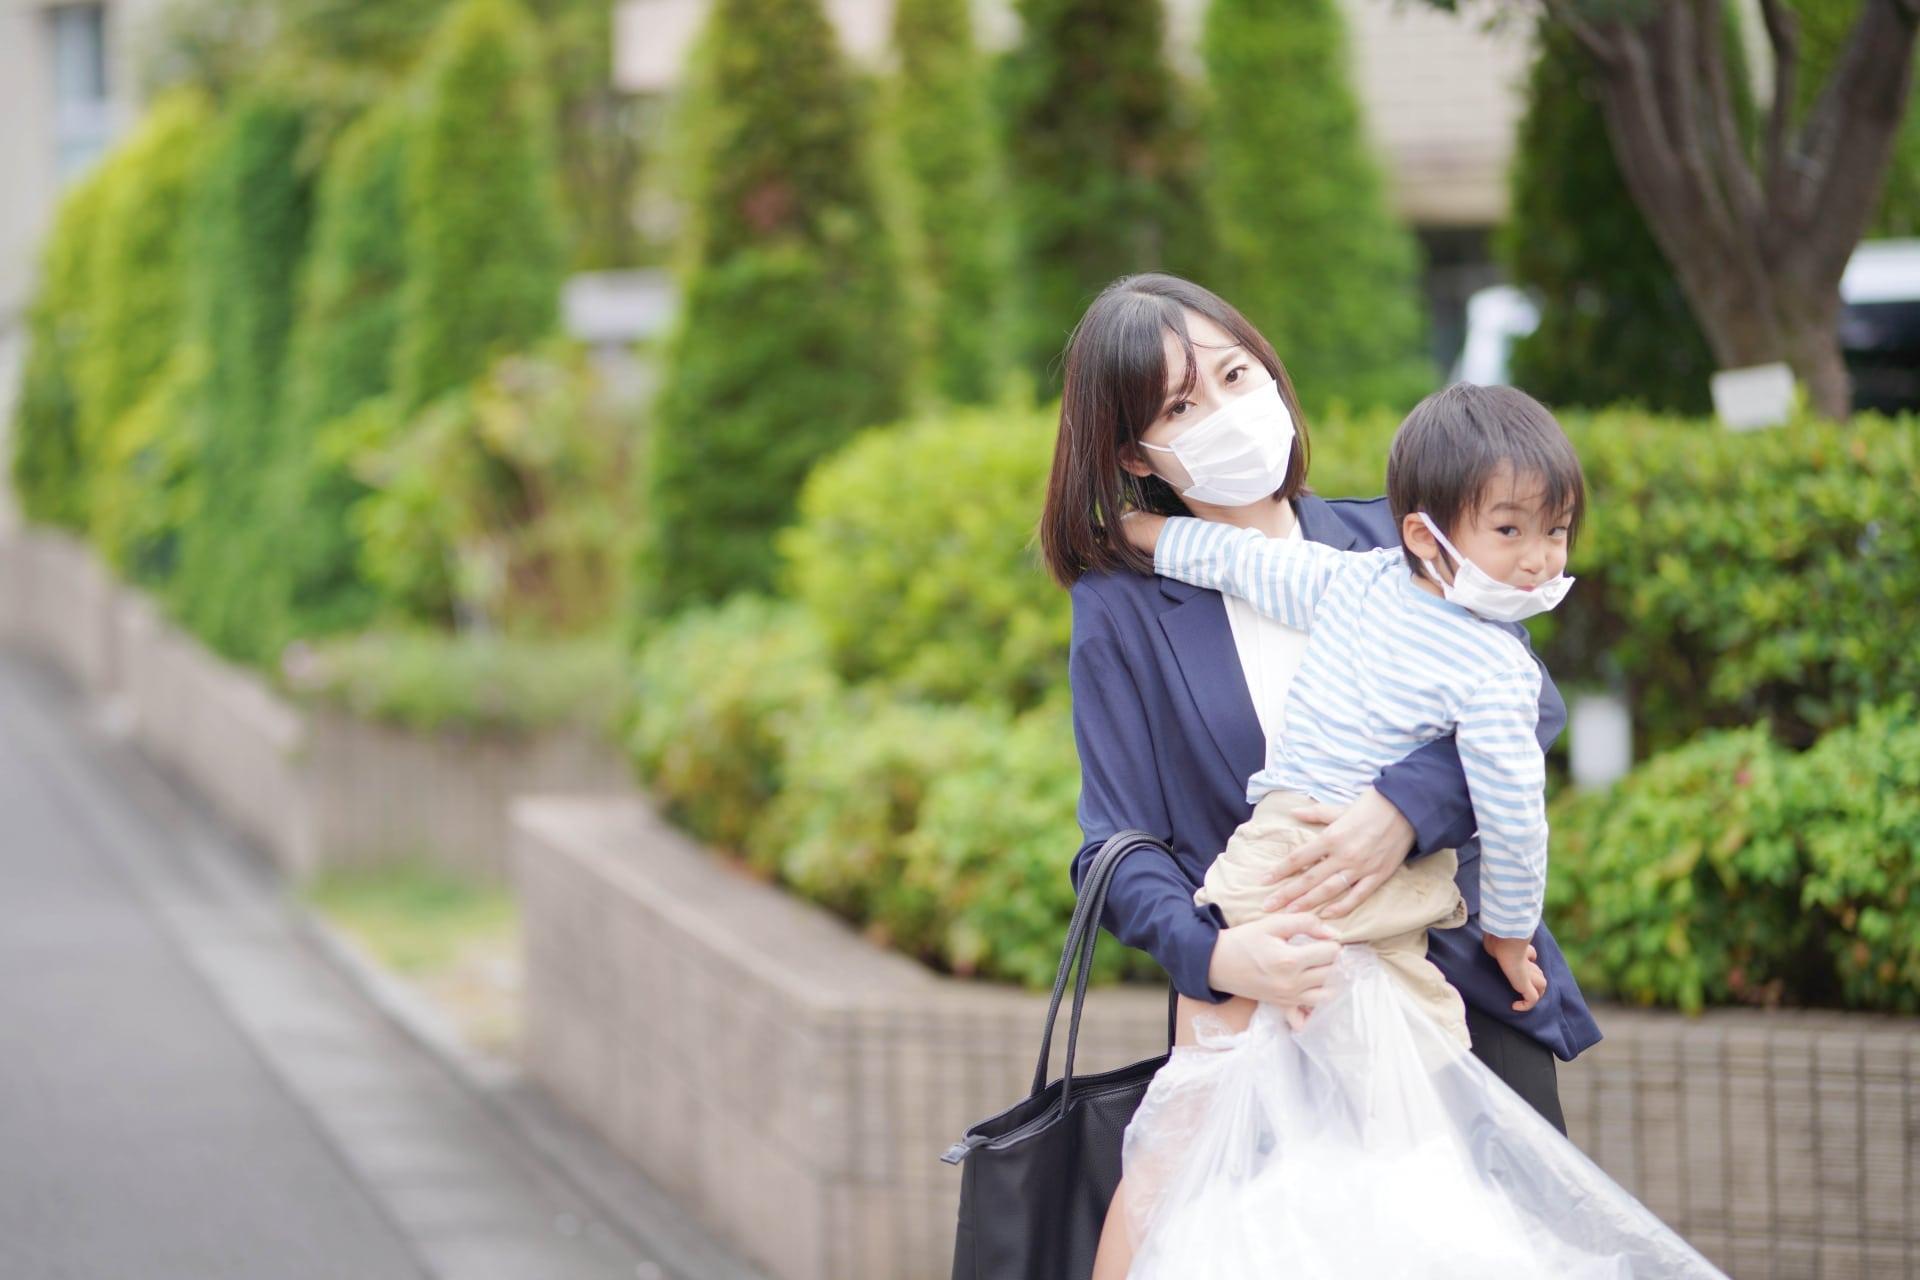 子供を抱っこしてゴミ捨てをする女性